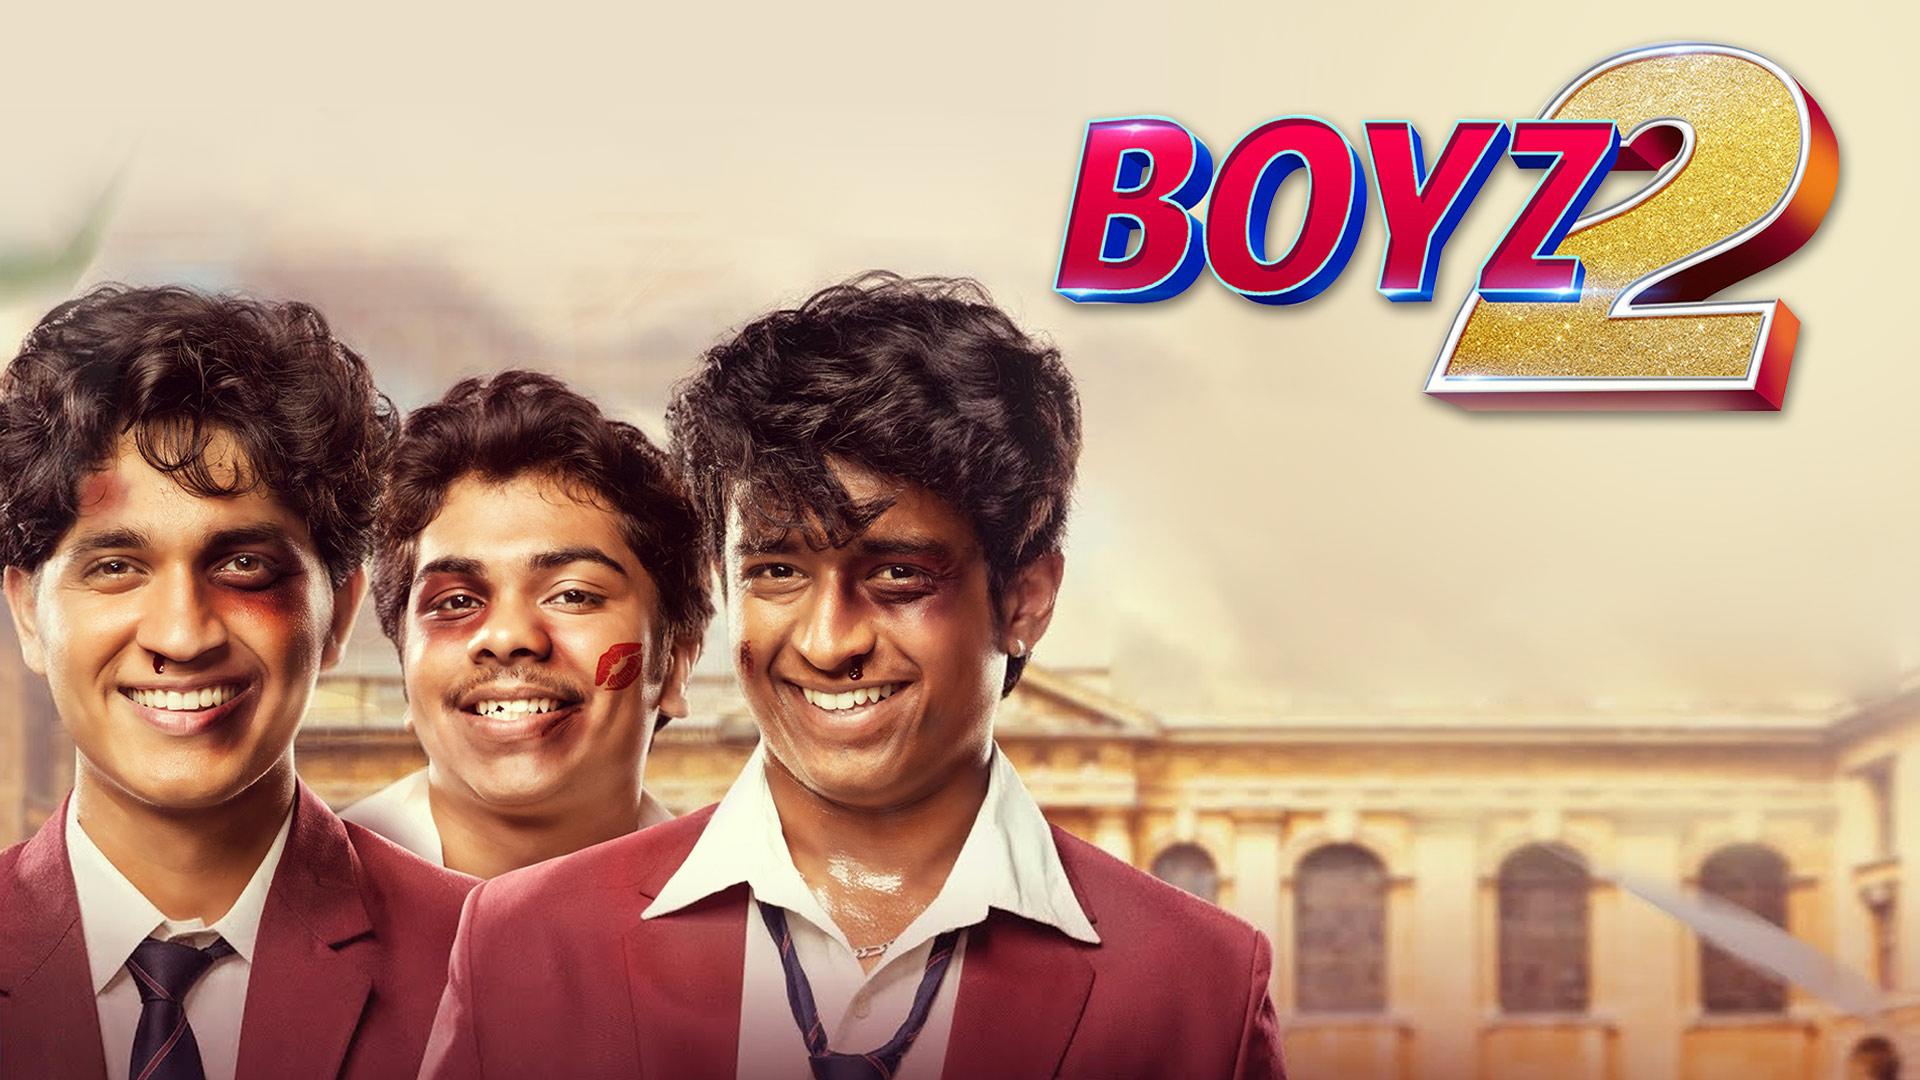 Boyz 2